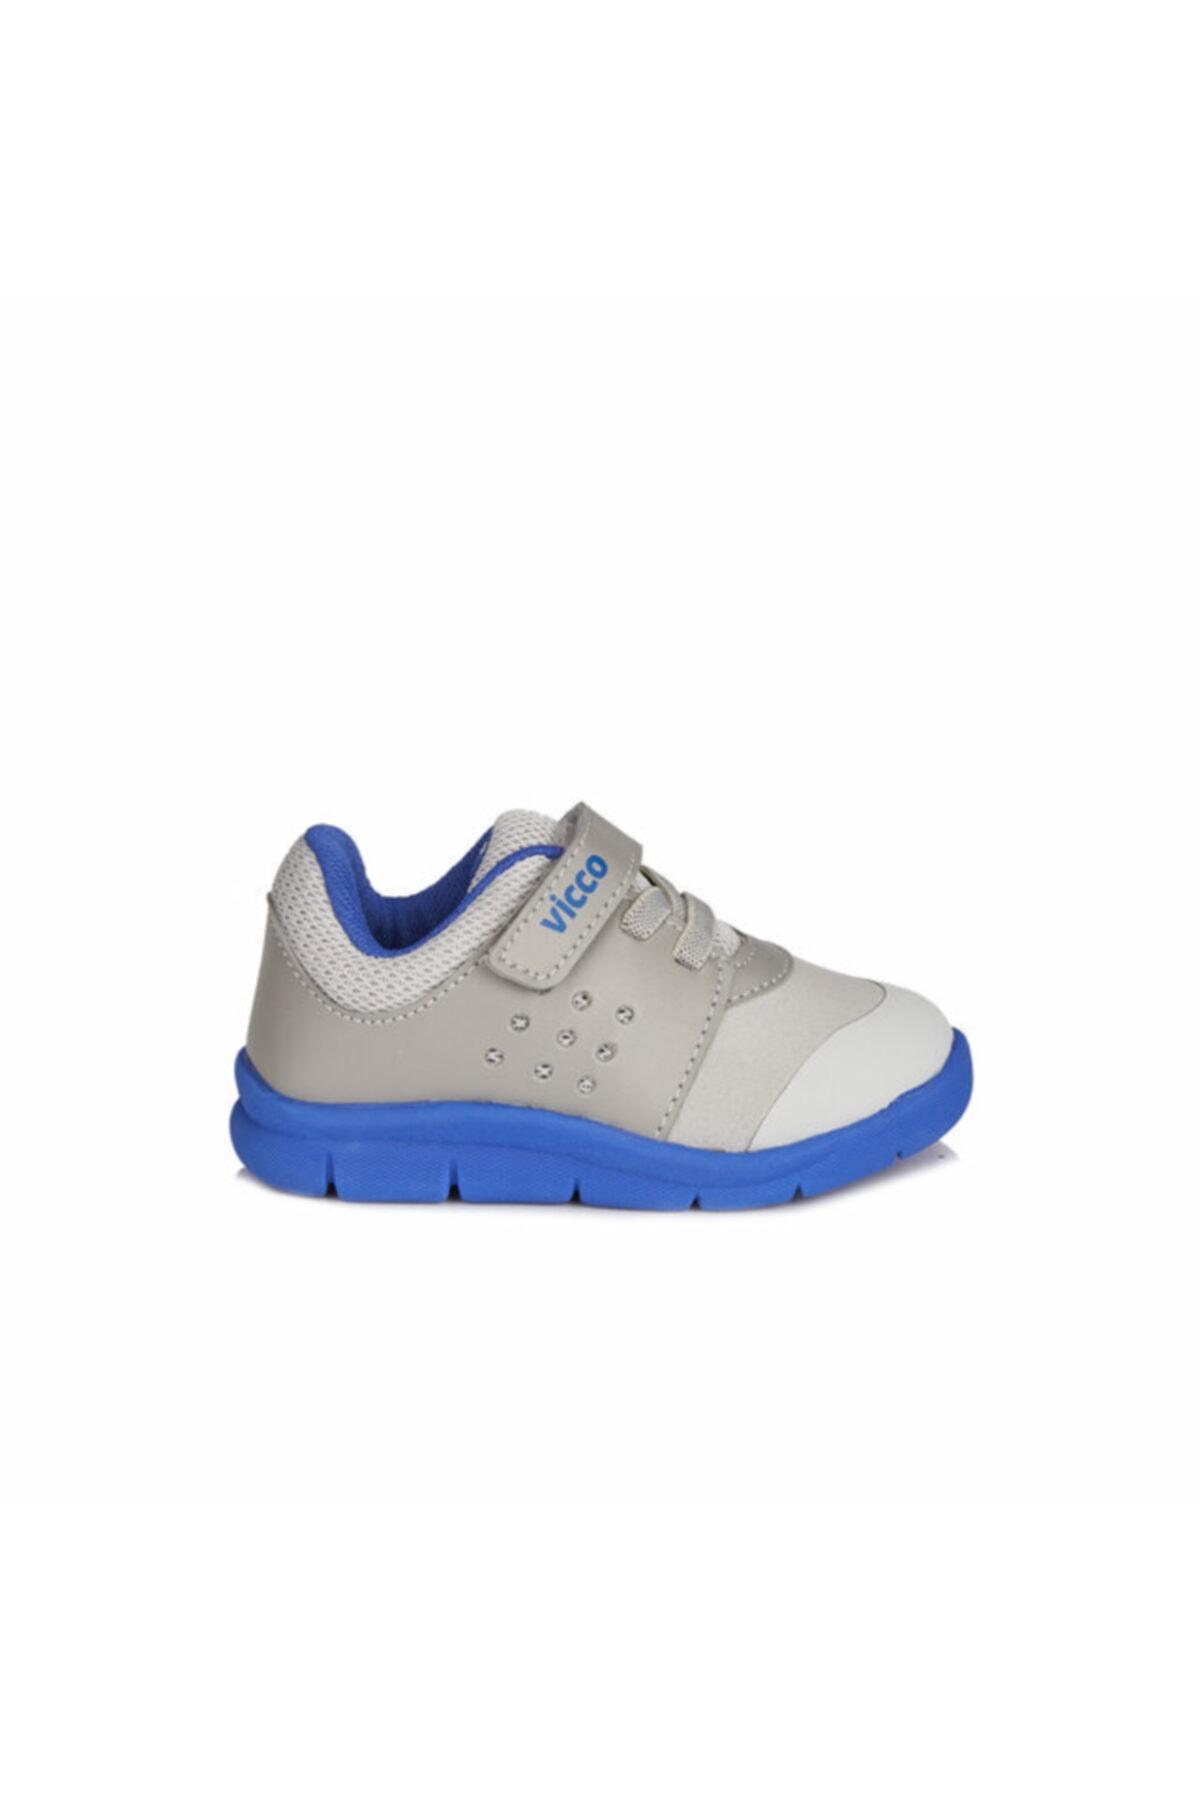 Vicco Mario Iı Erkek Çocuk Gri/saks Mavi Spor Ayakkabı 2